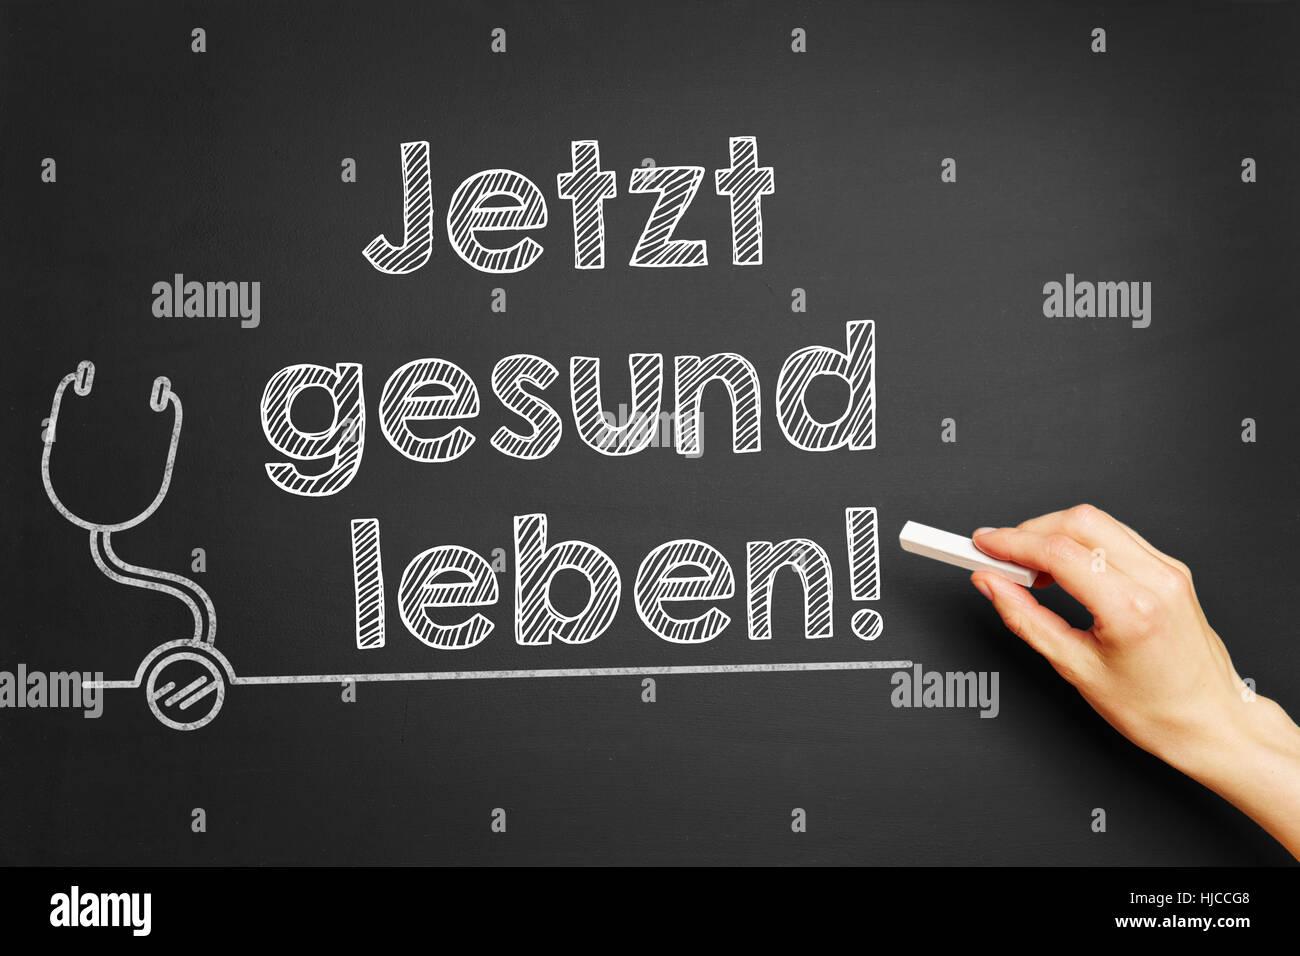 """Hand, schreibt in Deutsch """"Jetzt Gesund Leben!"""" (Leben Sie gesund jetzt!) auf Tafel Stockbild"""